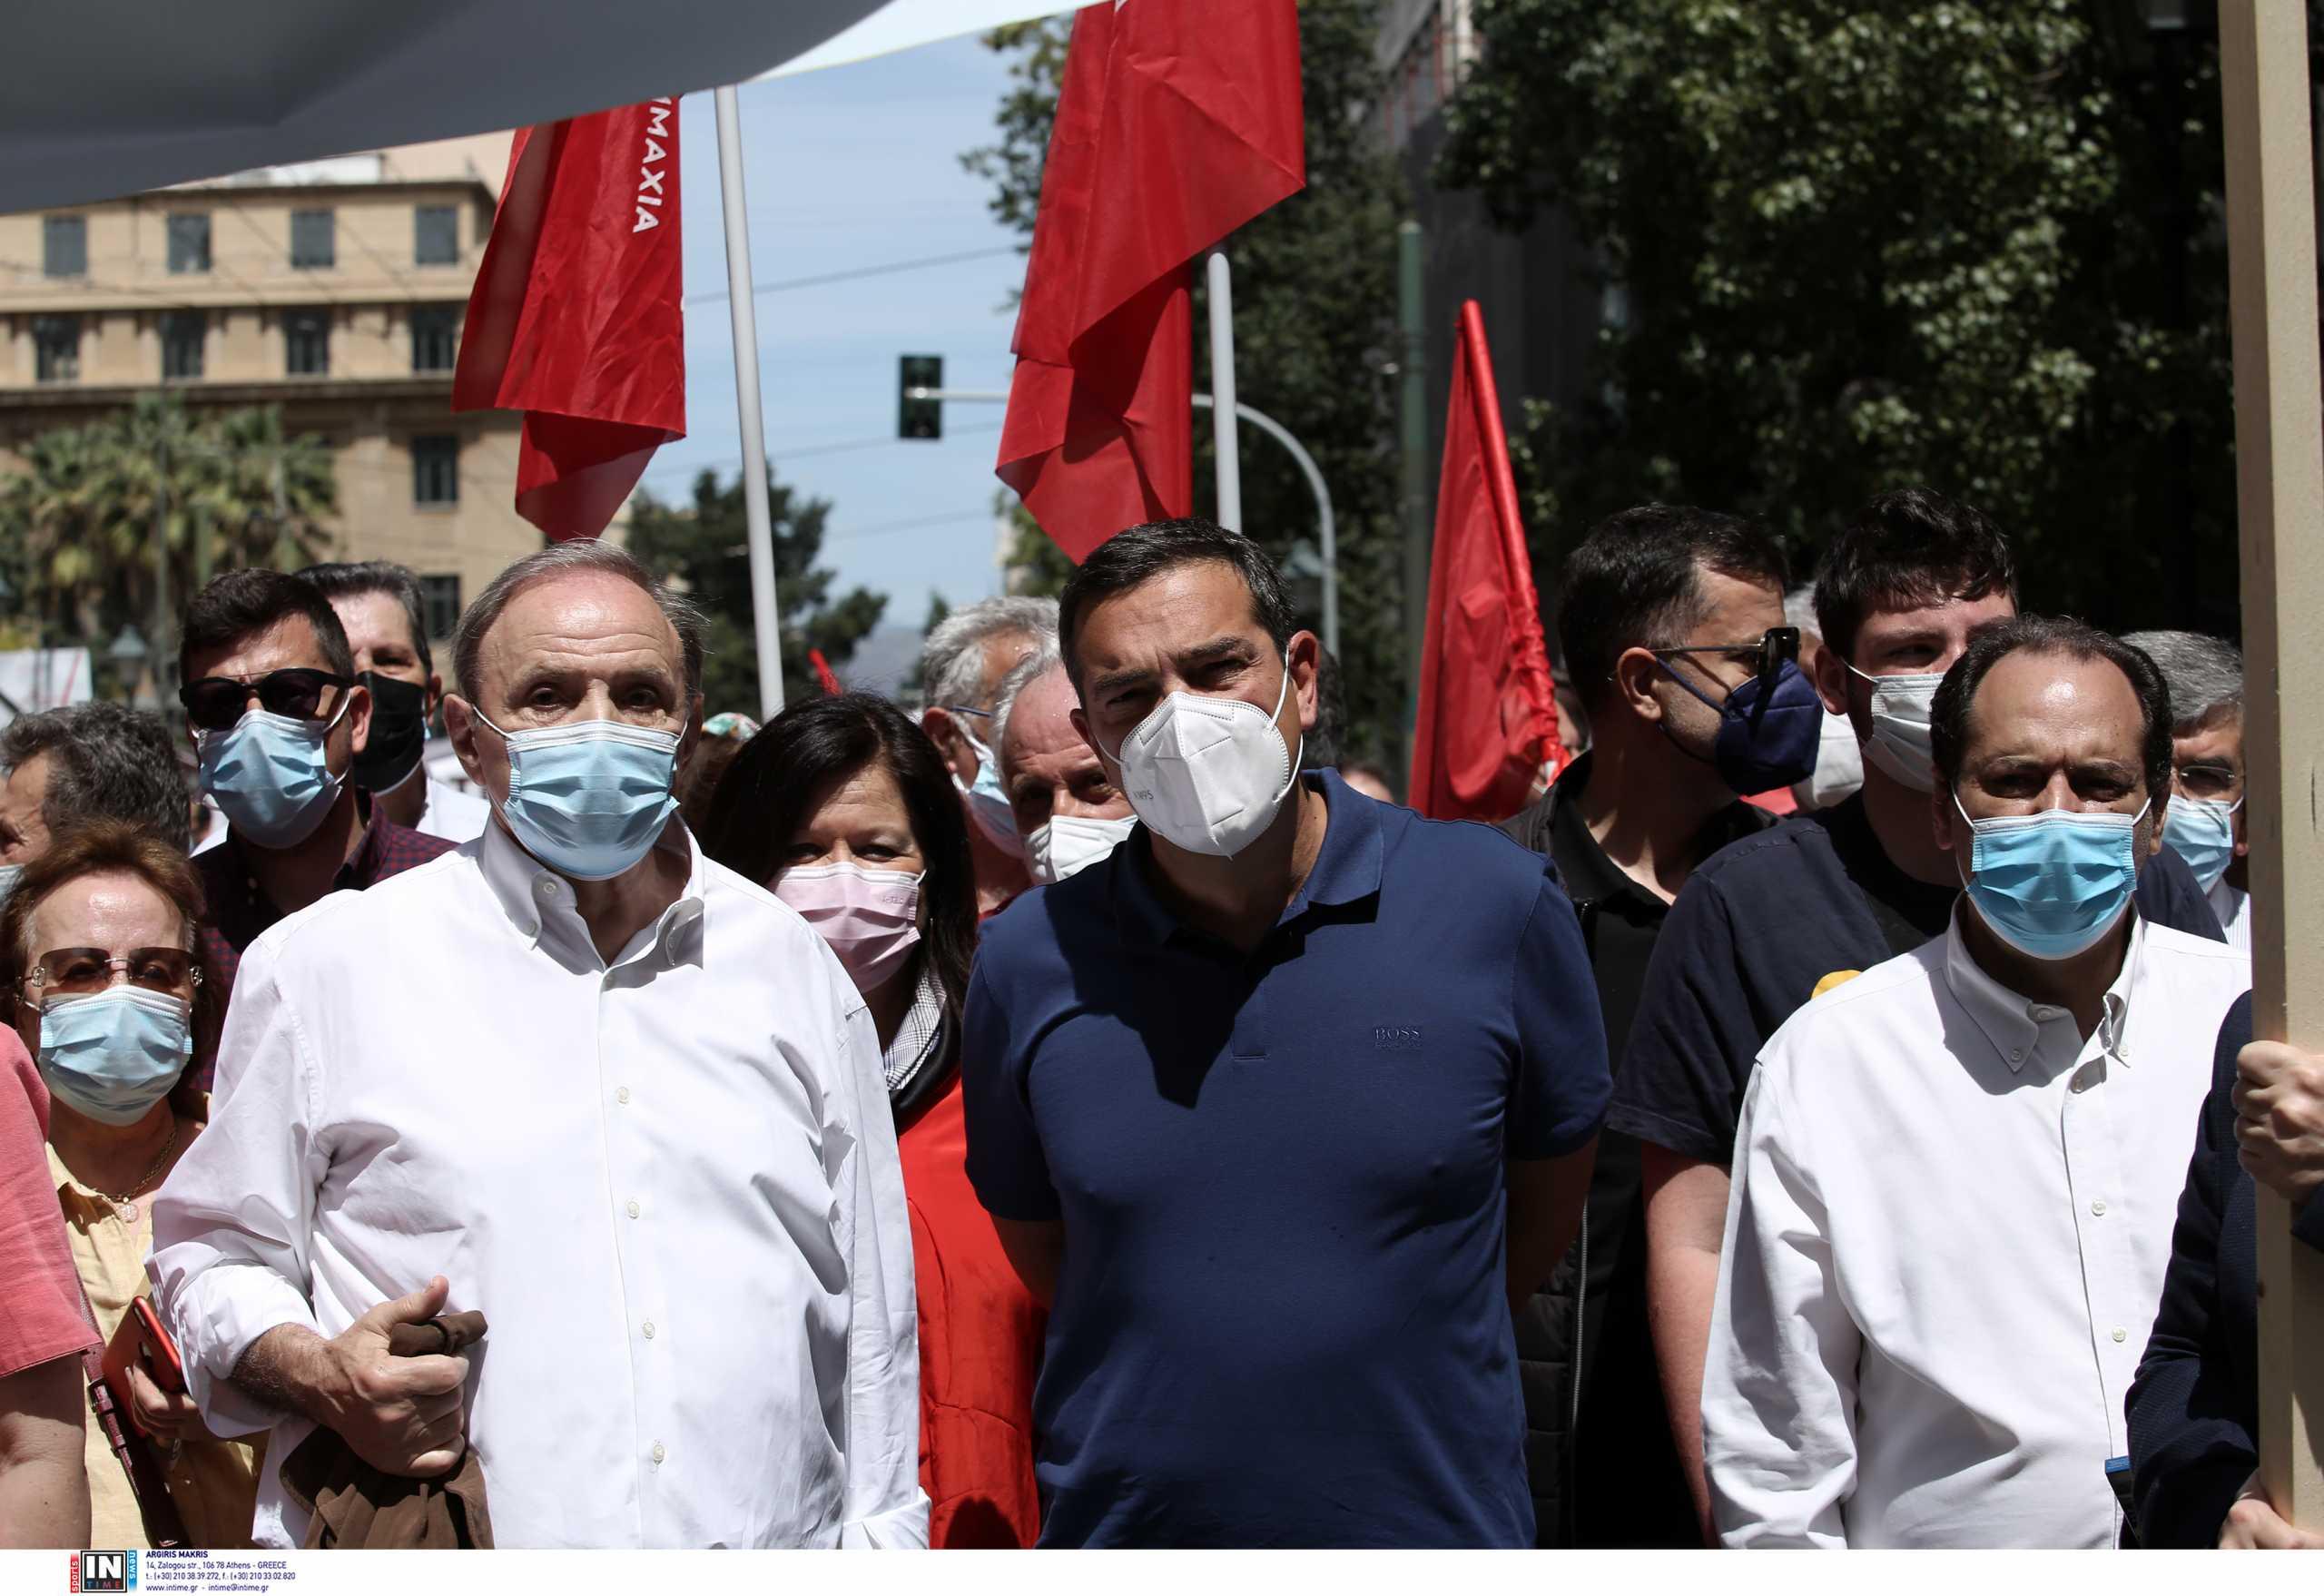 Τσίπρας: Ό,τι πιο αντιλαϊκό έχει φέρει ποτέ ελληνική κυβέρνηση η κατάργηση του 8ωρου